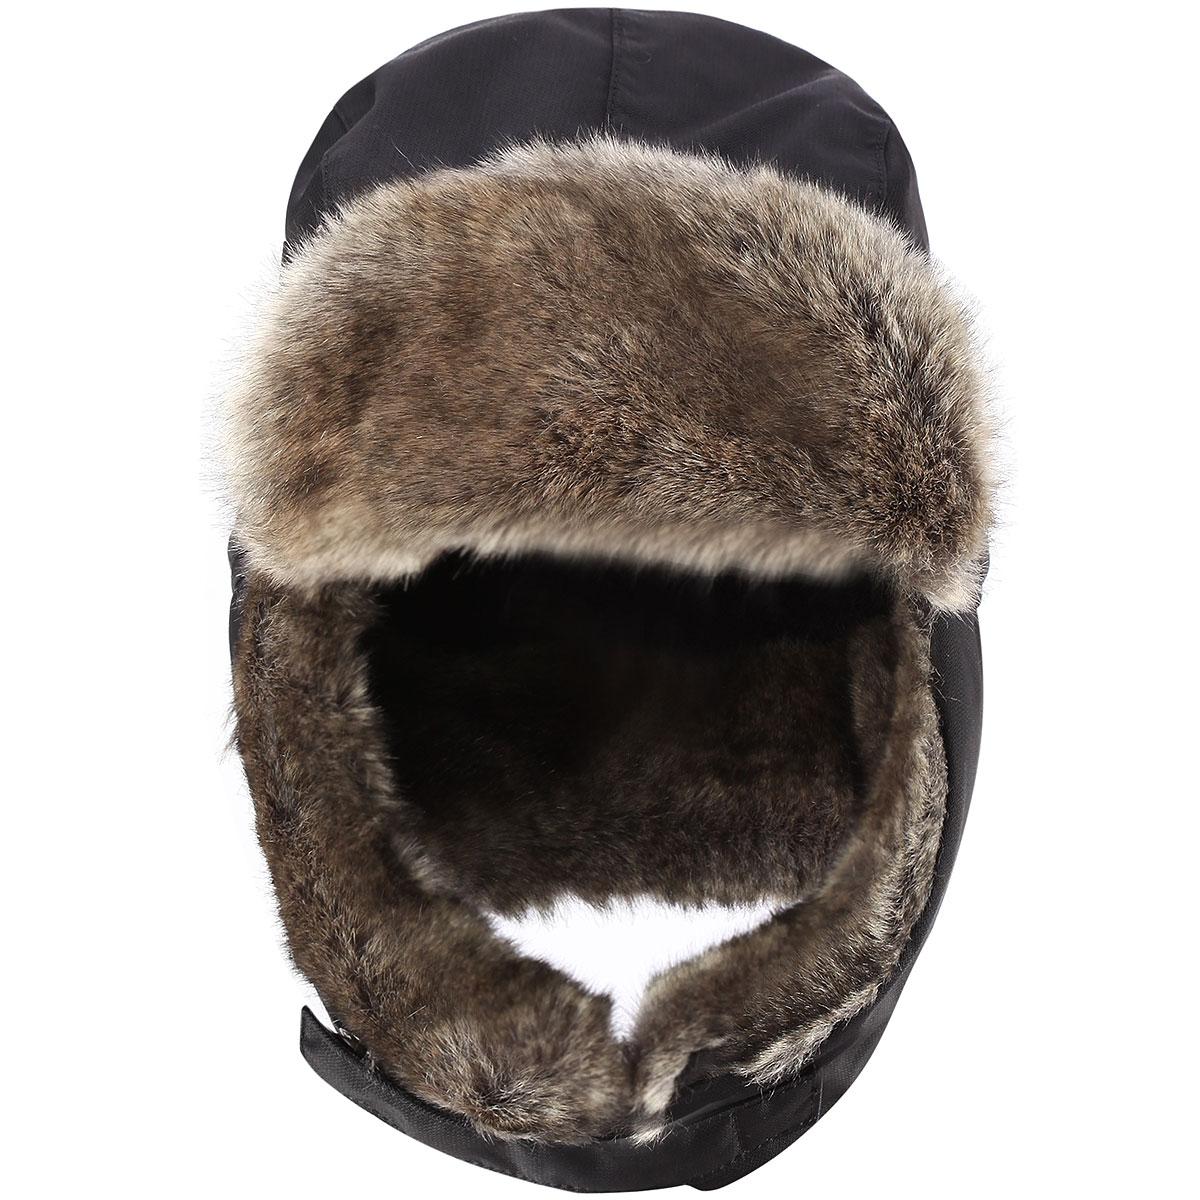 Шапка детская518232A_9990Комфортная зимняя детская шапка-ушанка Reimatec Alsafi идеально подойдет для прогулок в холодное время года. Шапочка изготовлена из водоотталкивающей и ветрозащитной ткани. Материал отличается высокой устойчивостью к трению, благодаря специальной обработке полиуретаном поверхность изделия отталкивает грязь и воду, что облегчает поддержание аккуратного вида шапки, дышащее покрытие с изнаночной части не раздражает даже самую нежную и чувствительную кожу ребенка, обеспечивая ему наибольший комфорт. Мягкая подкладка хорошо сохраняет тепло и обладает отличной гигроскопичностью (не впитывает влагу, но проводит ее). Ушки и козырек изготовлены из искусственного меха. На ушках имеется хлястик с кнопками, позволяющий зафиксировать шапку под подбородком. Козырек фиксируется при помощи липучки. Все швы проклеены для обеспечения водонепроницаемости. На затылке изделие дополнено светоотражающим элементом. Подходит для горнолыжного спорта. Средняя степень утепления. Идеально...